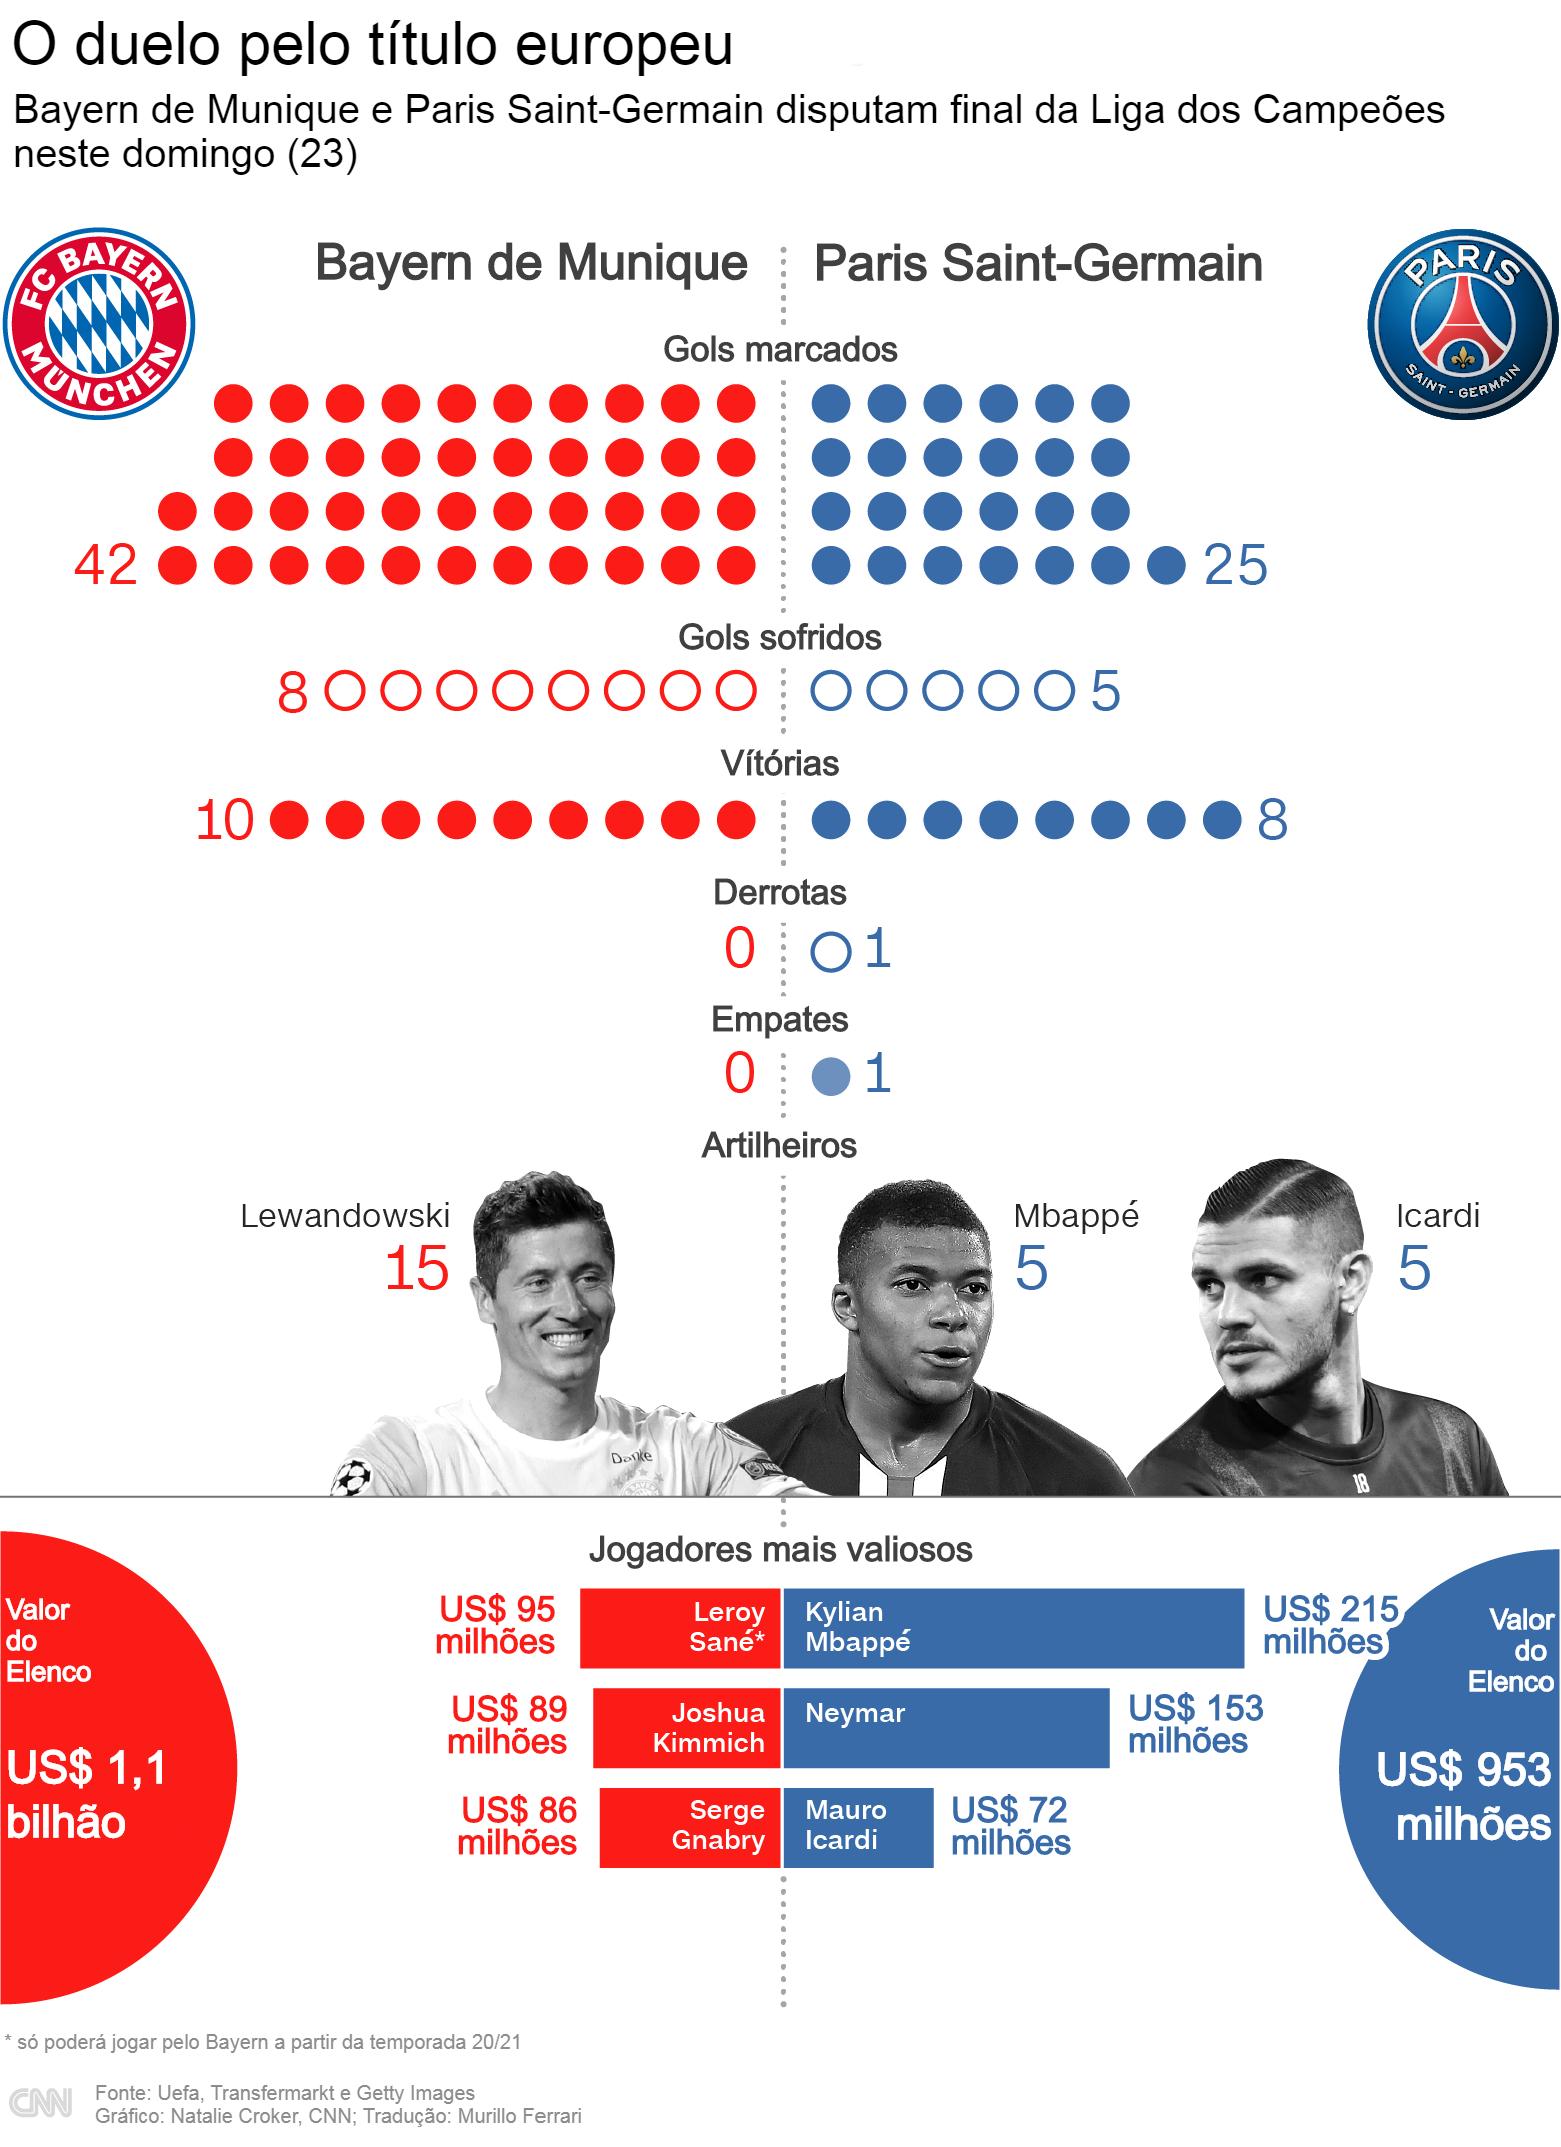 Infográfico Bayern de Munique x PSG - final da Liga dos Campeões